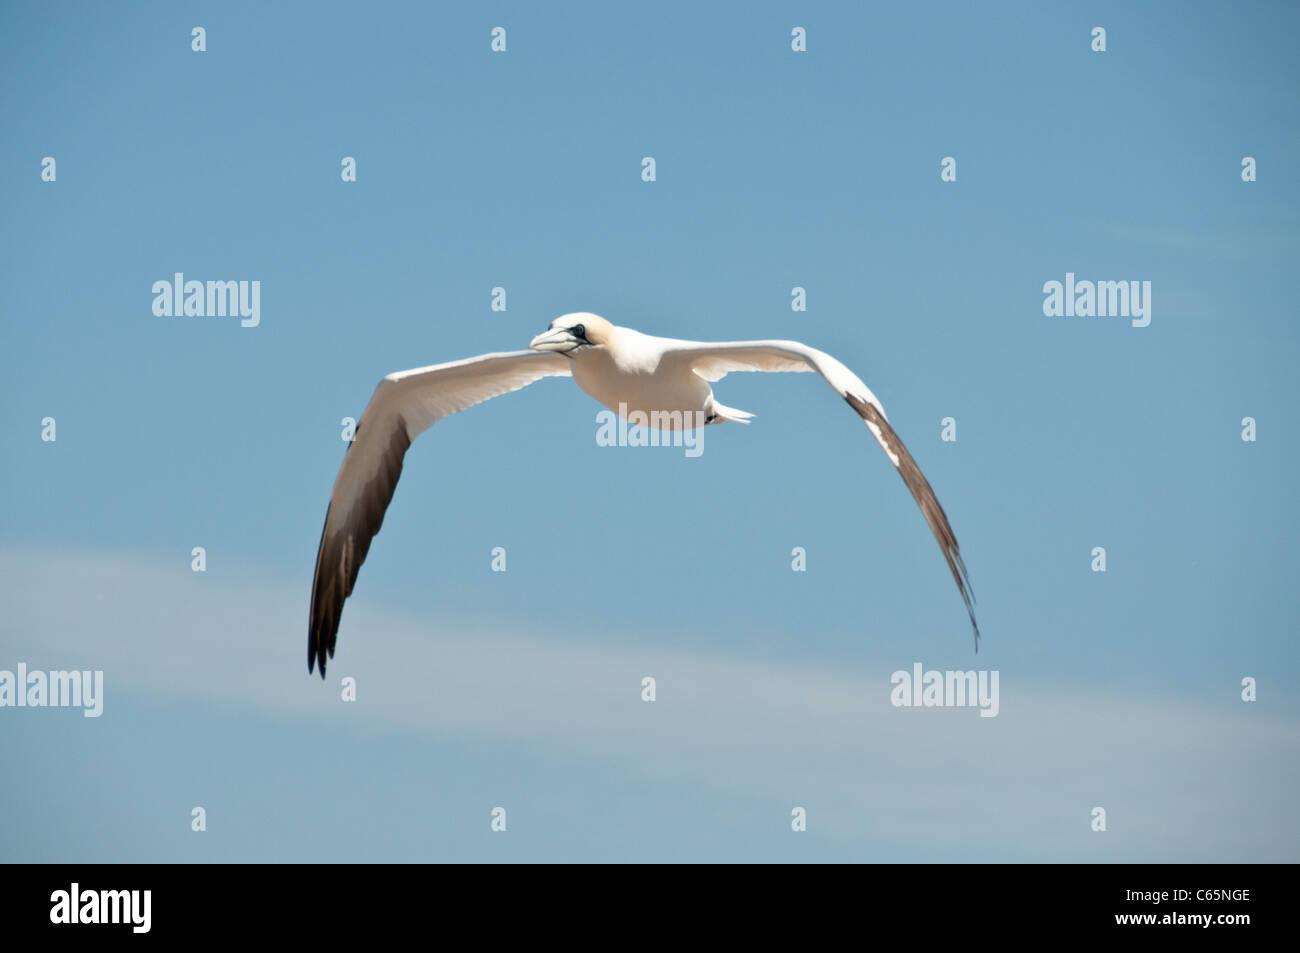 Flying norte de Gannett Foto de stock